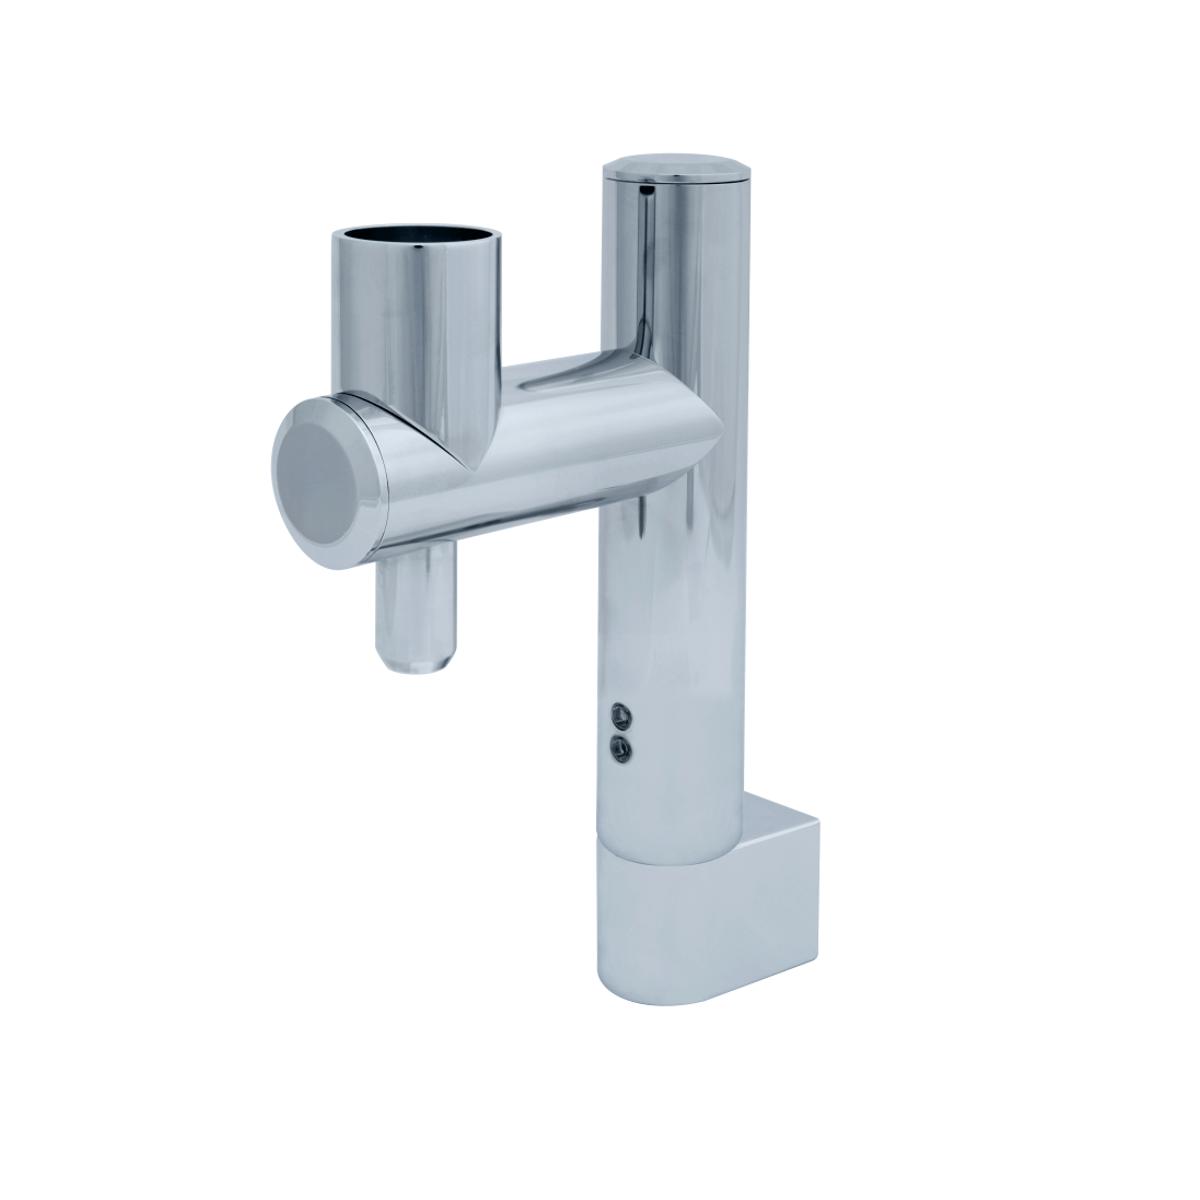 Sensorspender für Seife, Desinfektion, Creme IT 1000 F EURO 2 Wandmontage